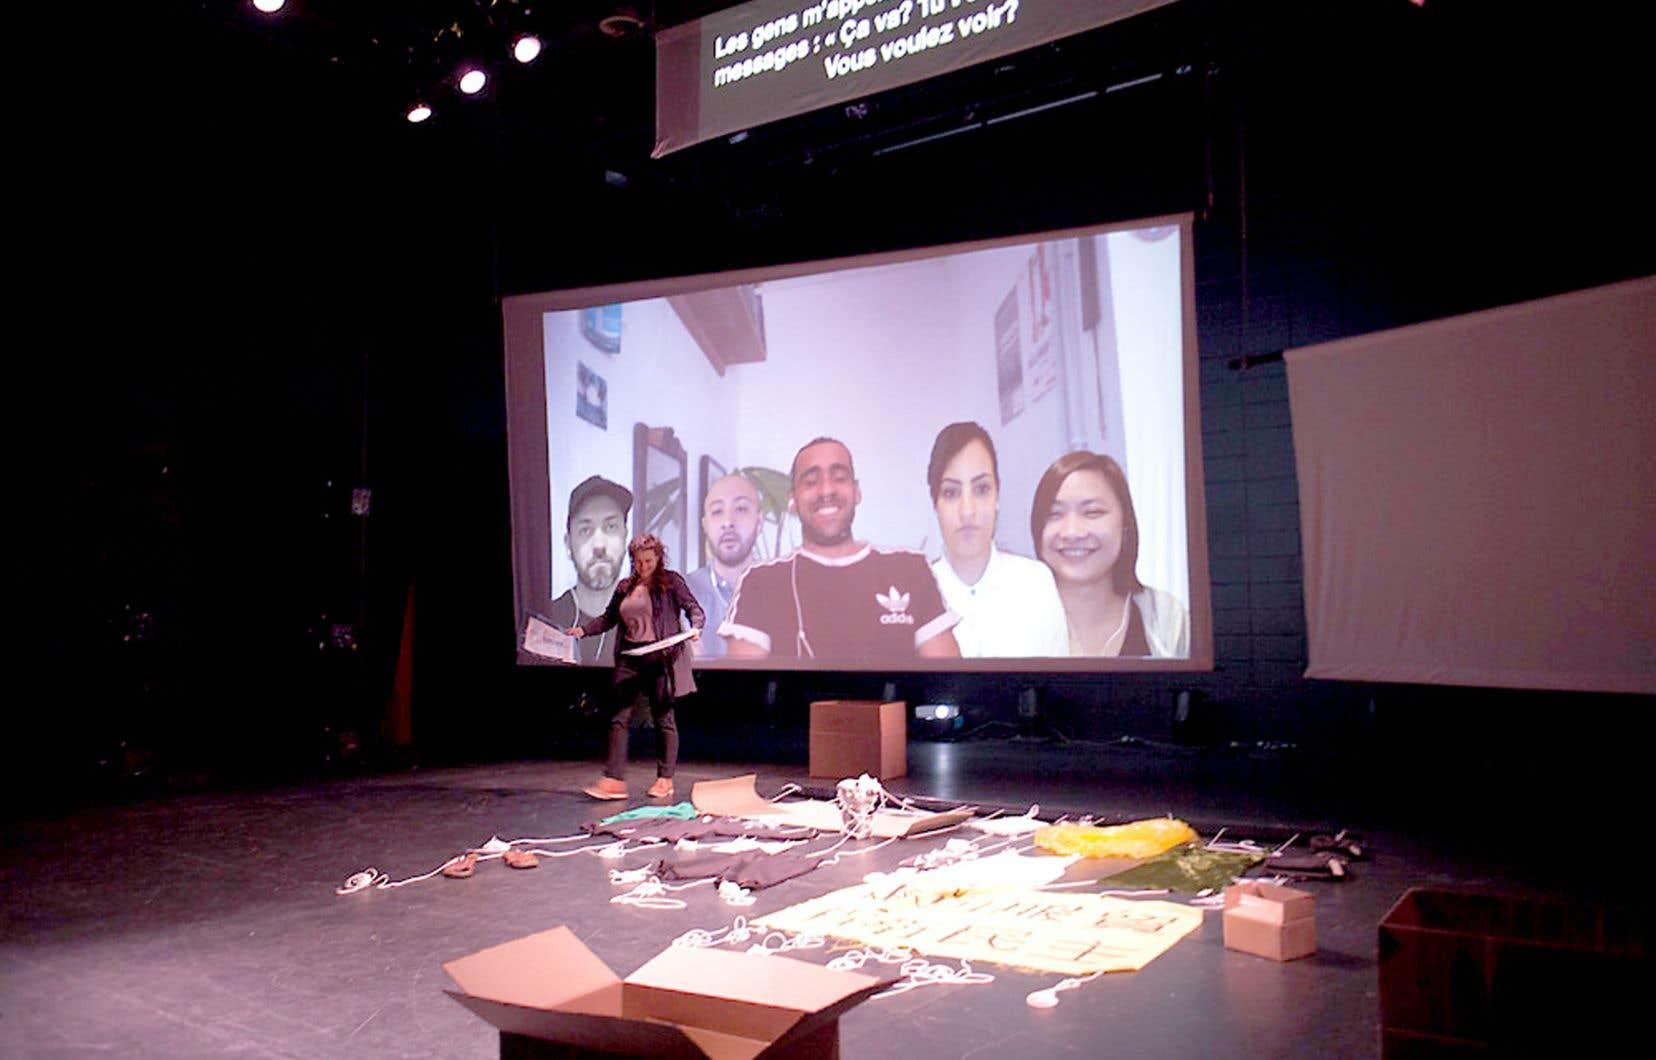 La technologie a souvent offert aux mouvements sociaux de puissantes plateformes de prise de parole. Elle rend maintenant possible la communion en direct de cinq artistes dans cinq villes différentes dans «Intersections», de Mireille Camier et Ricard Soler Mallol.